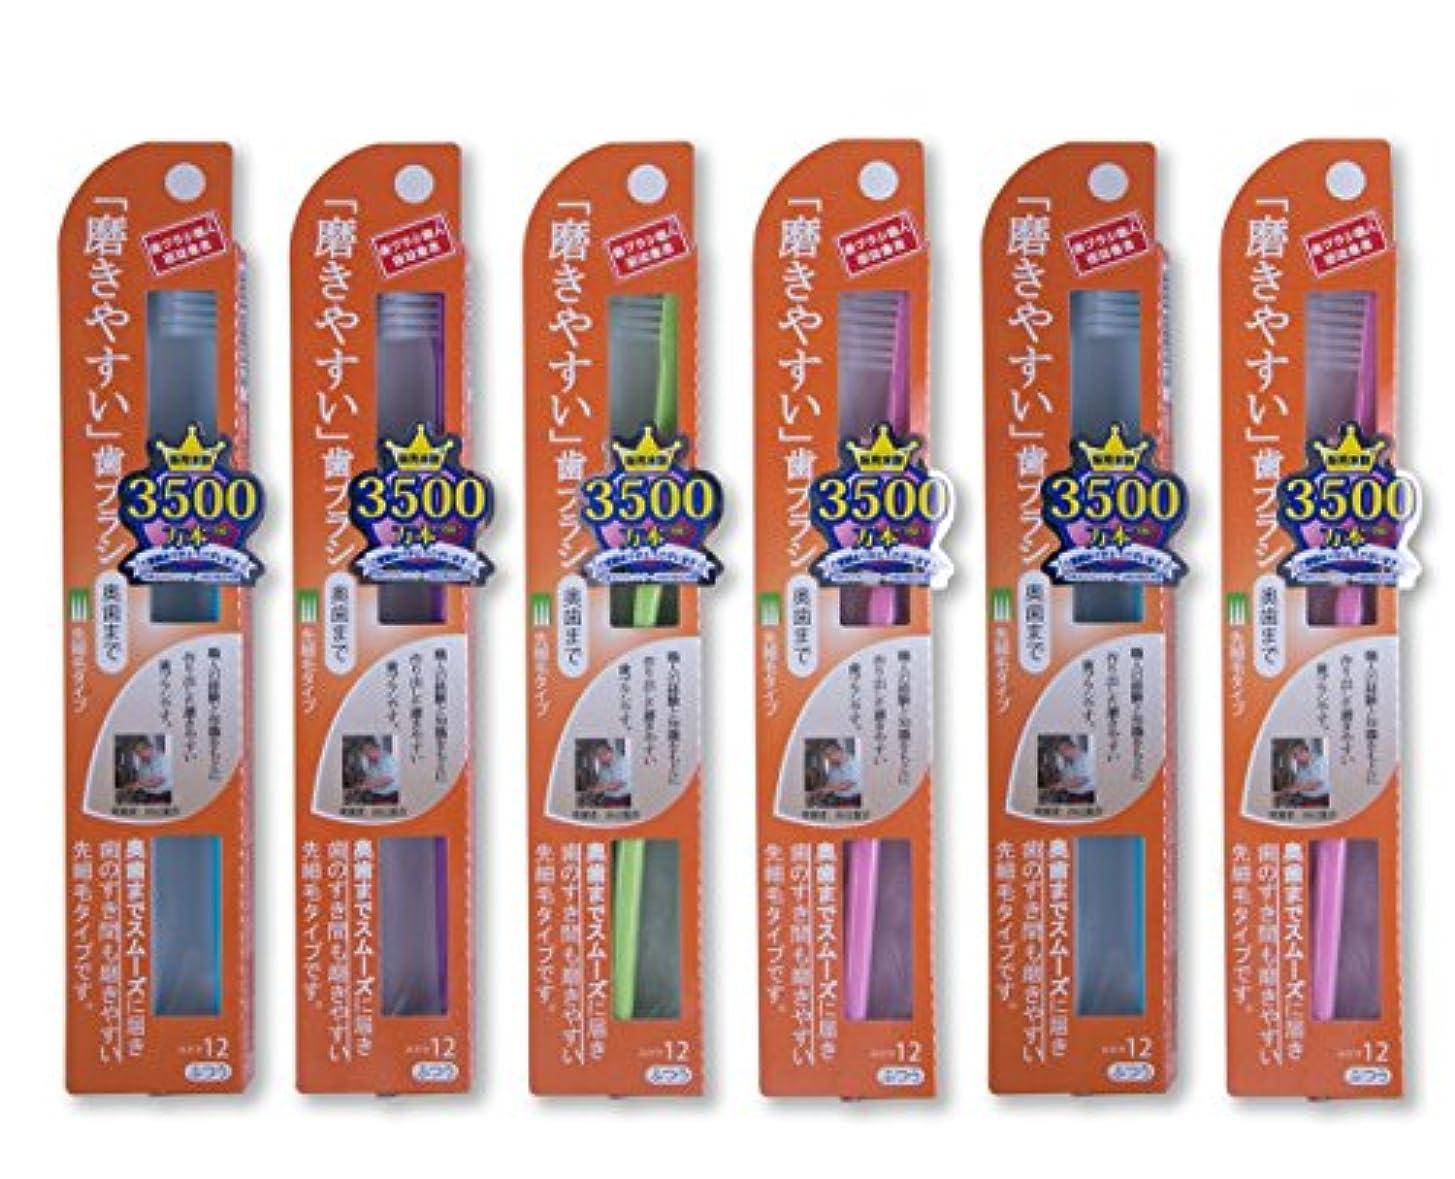 入る固める強います歯ブラシ職人® Artooth® 田辺重吉 磨きやすい歯ブラシ(奥歯まで)先細 LT-12(6本入)